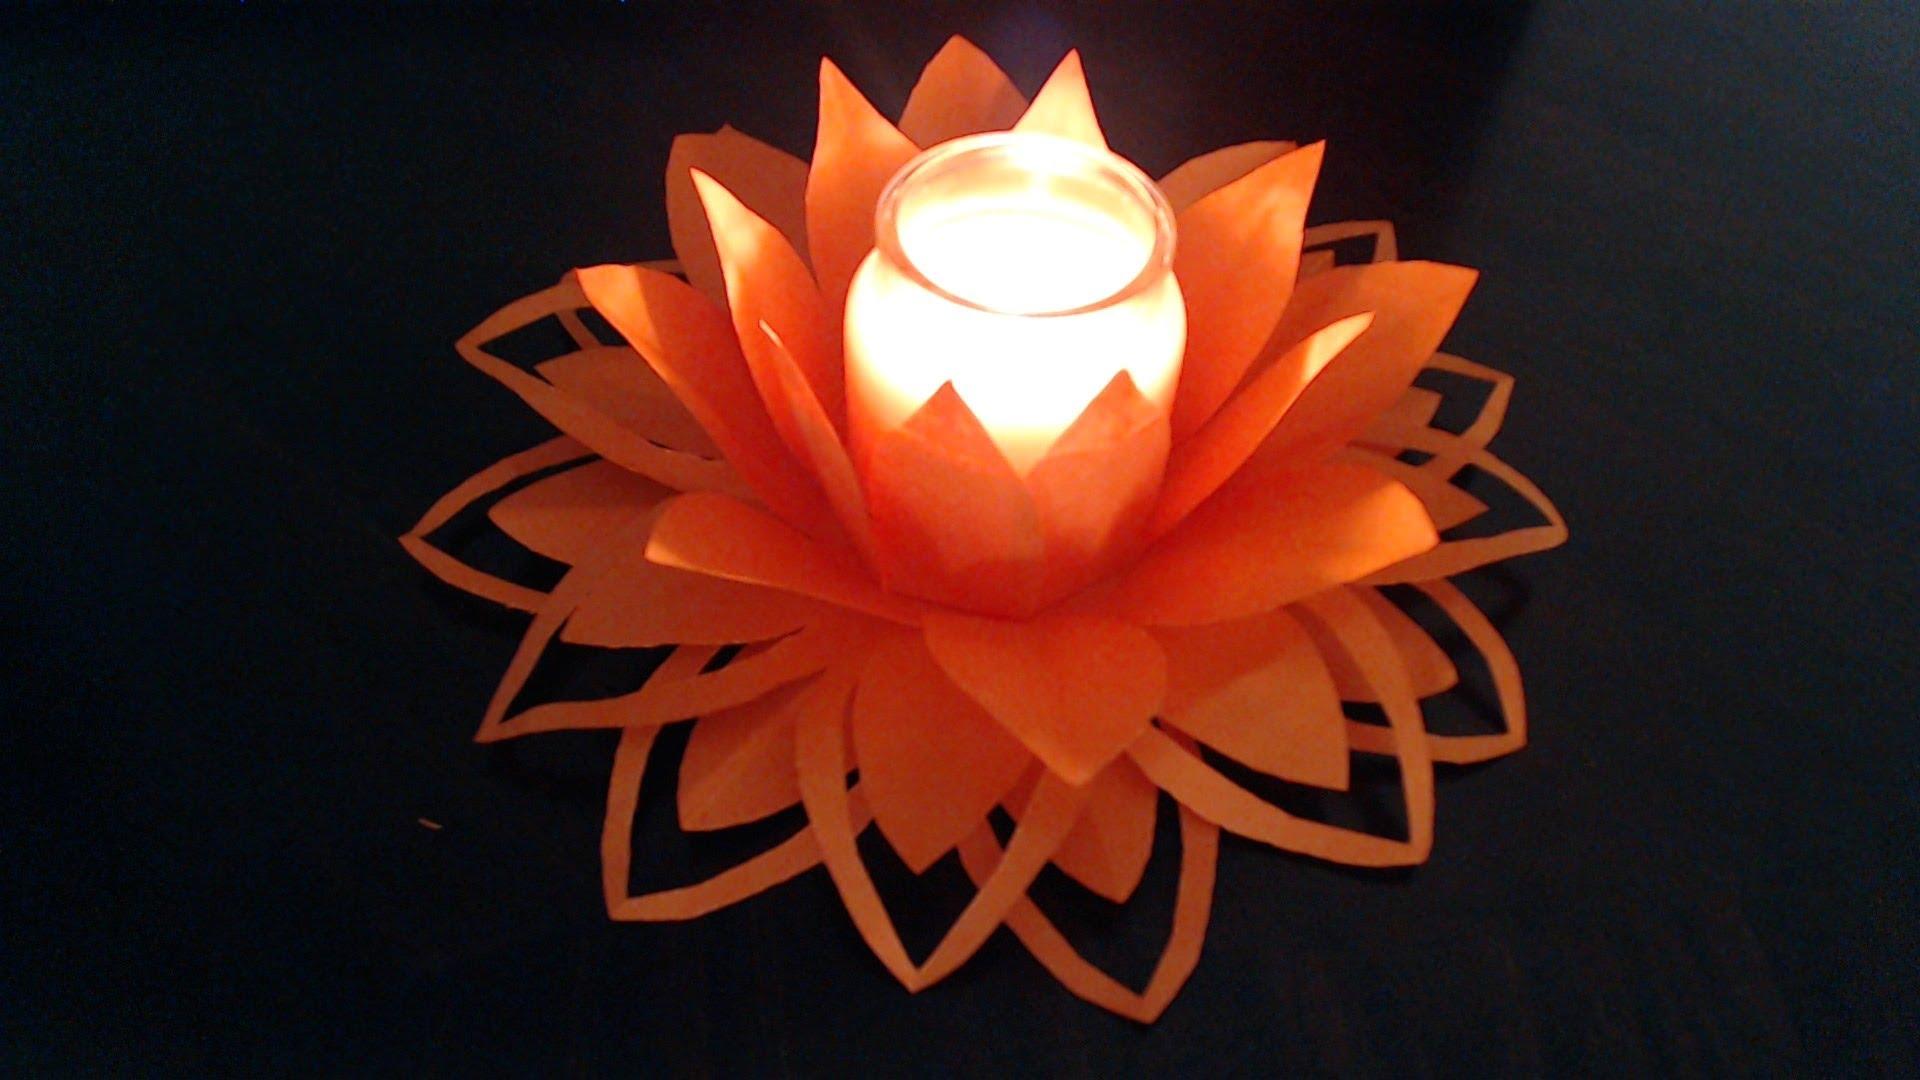 ایده تزئین شمع با گل کاغذی